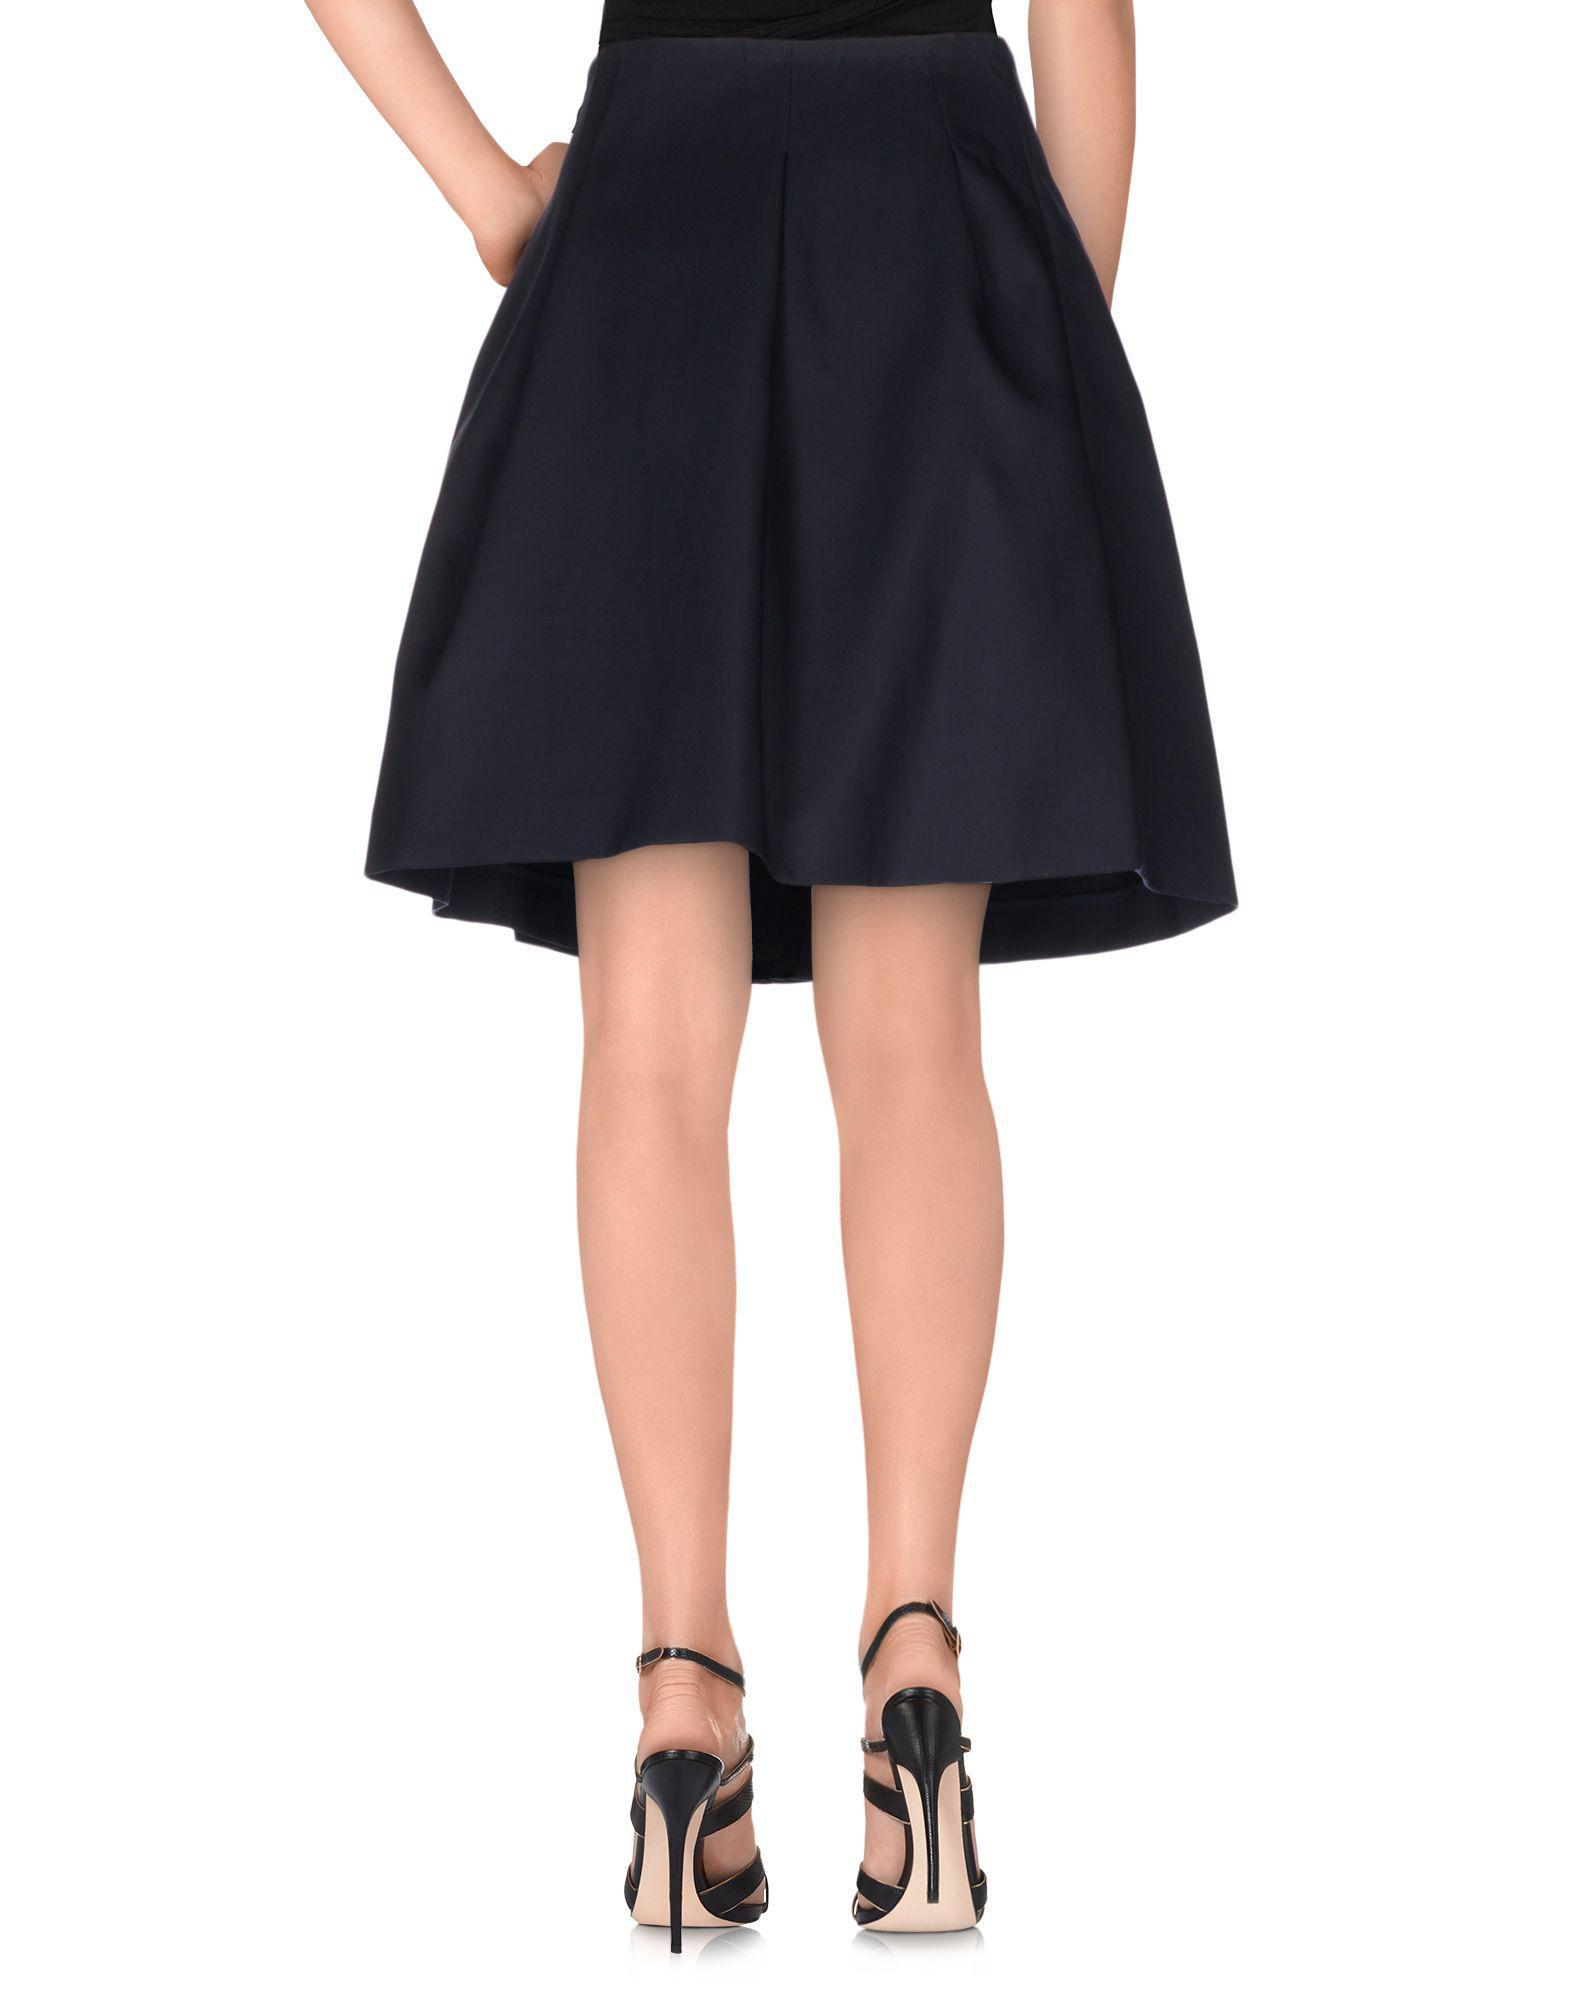 SKIRTS - Knee length skirts Arthur Arbesser Cheap Find Great kKnv6P6P7